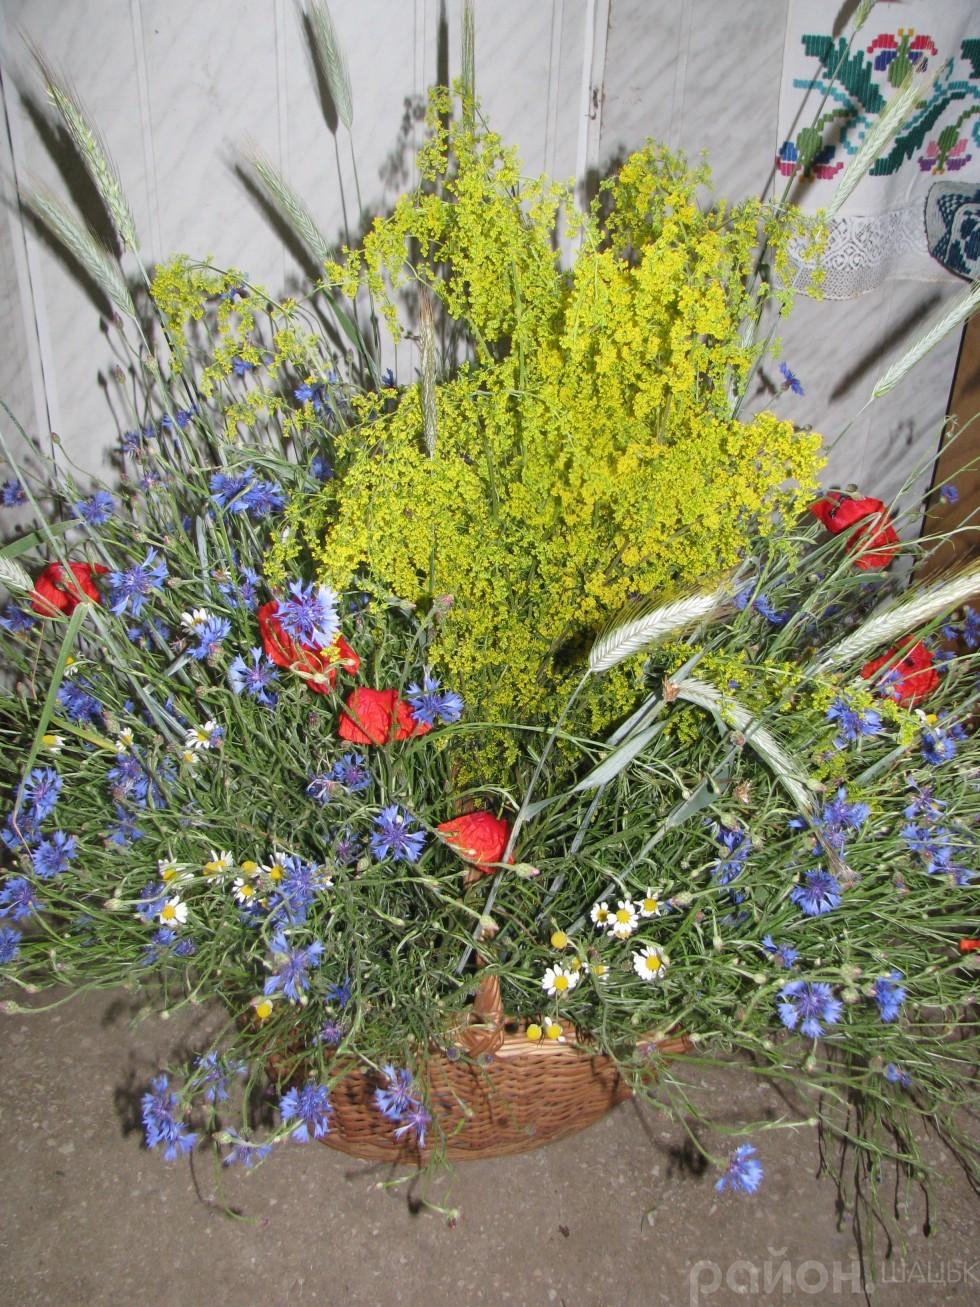 Букети польових квітів налаштовували на ліричний настрій